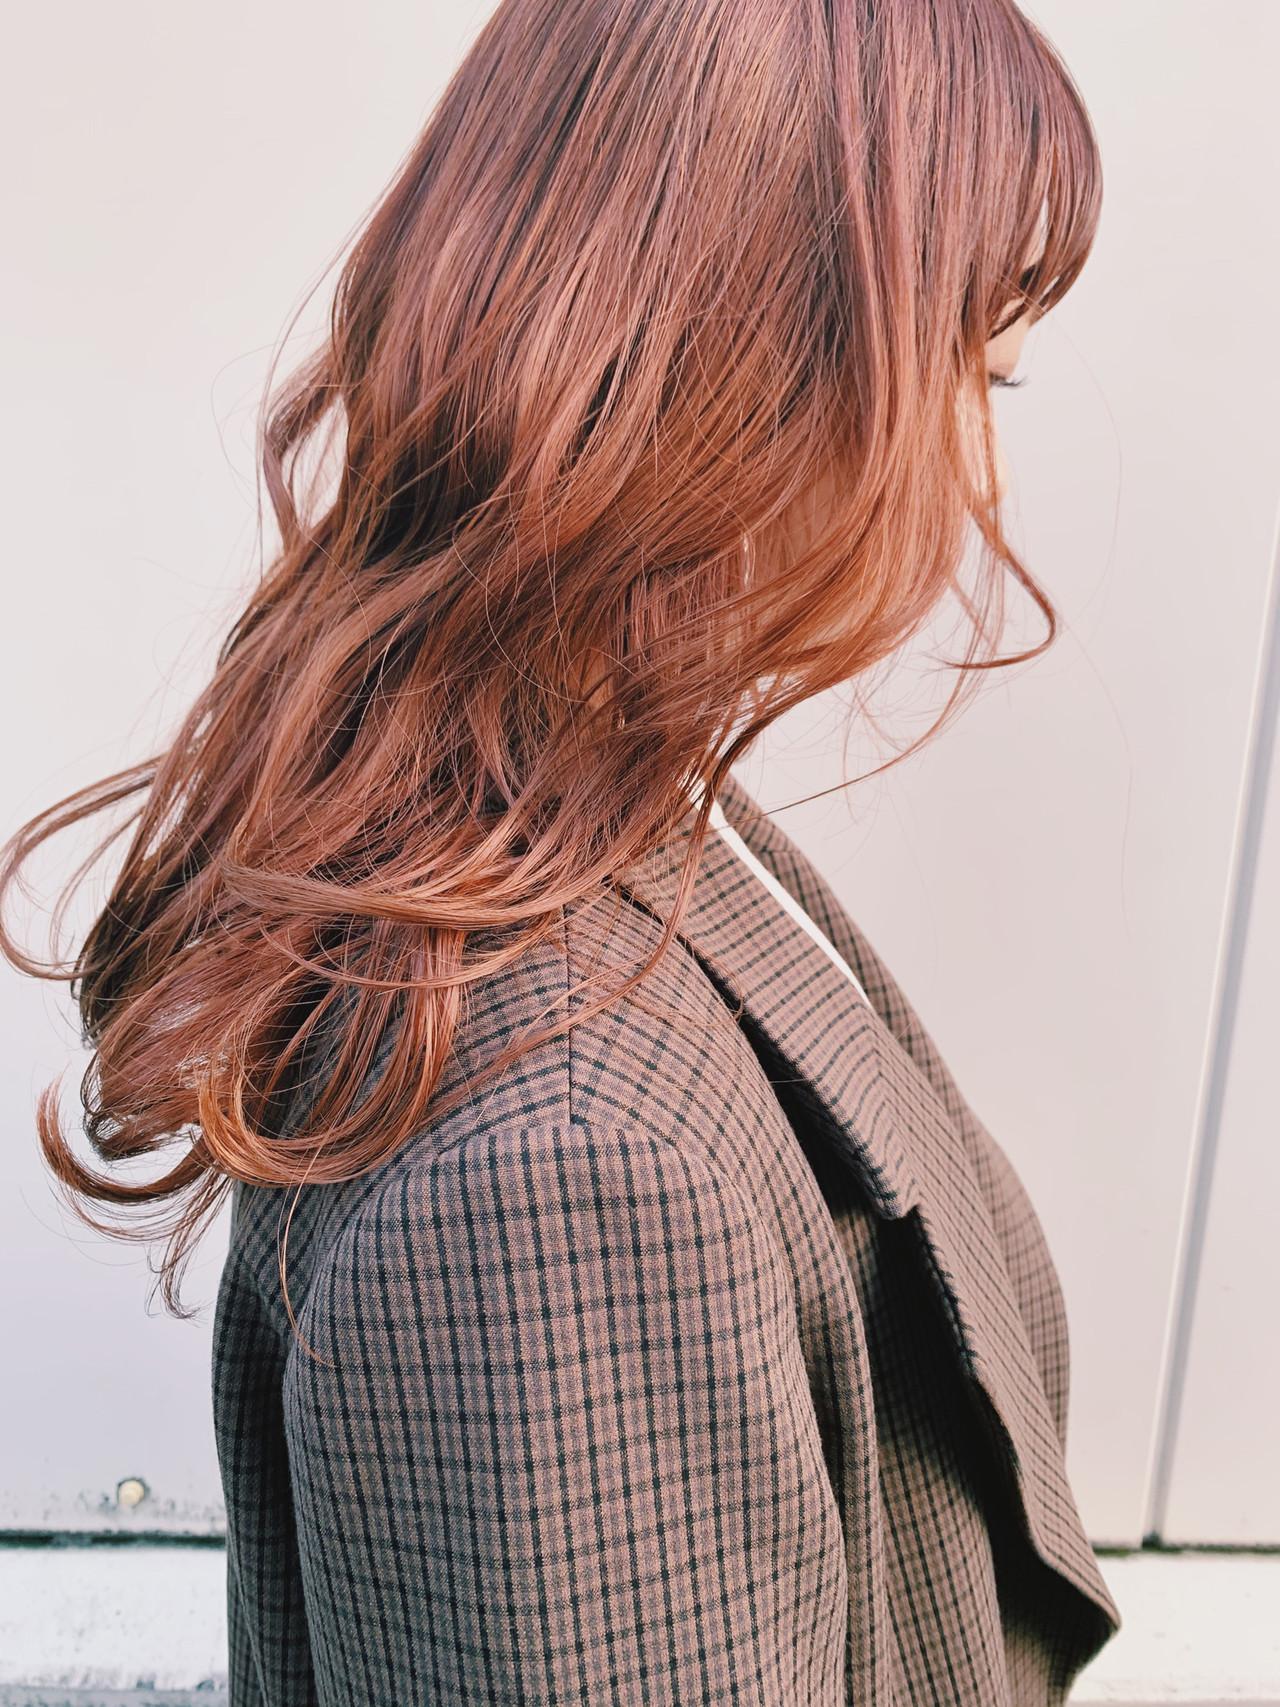 韓国ヘア インナーカラー ナチュラル オレンジベージュ ヘアスタイルや髪型の写真・画像